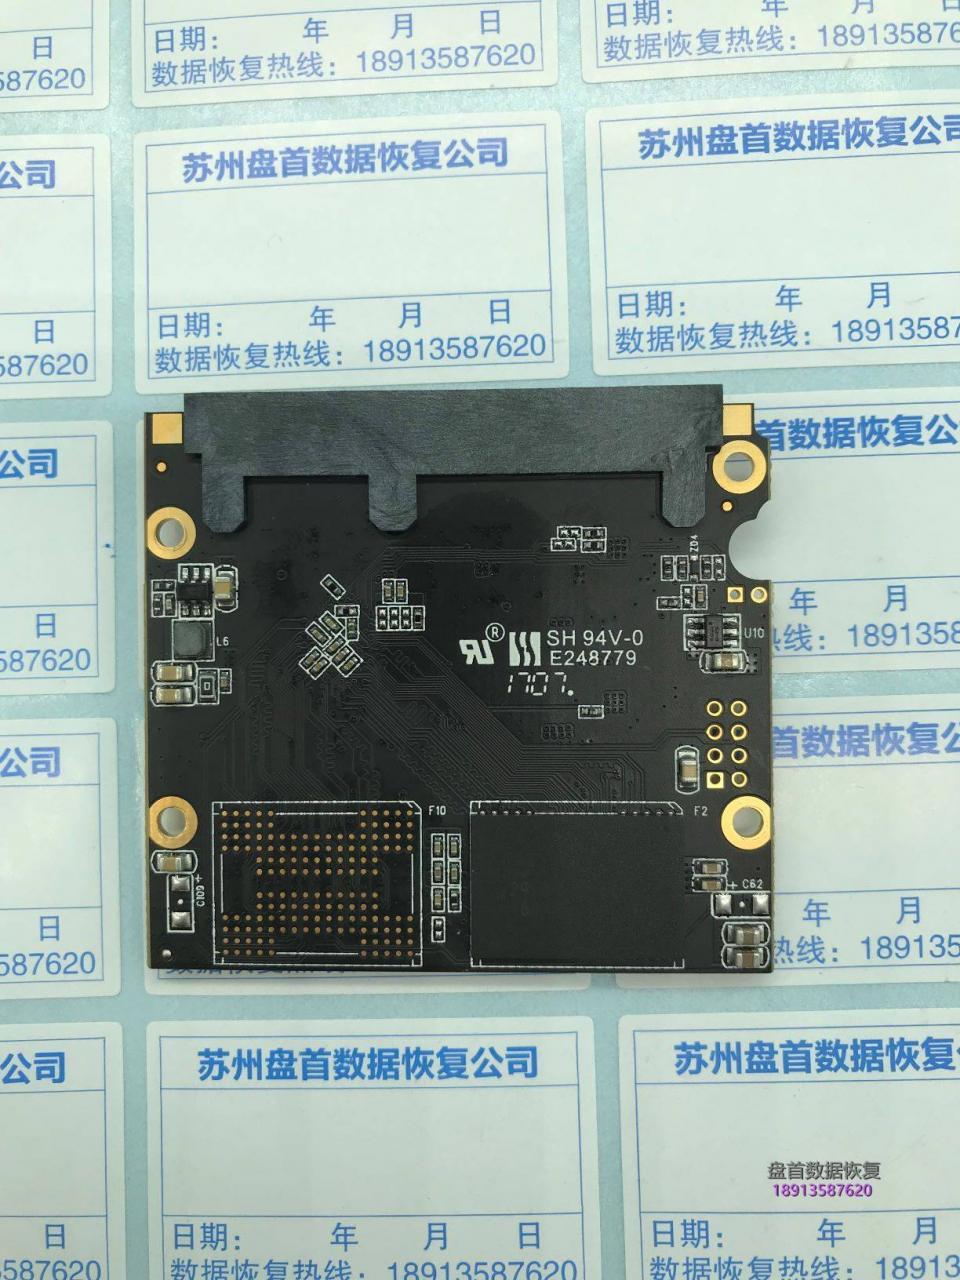 成功修复七彩虹SL500固态硬盘不认盘无法识别SM2258XT主控美萍数据库恢复